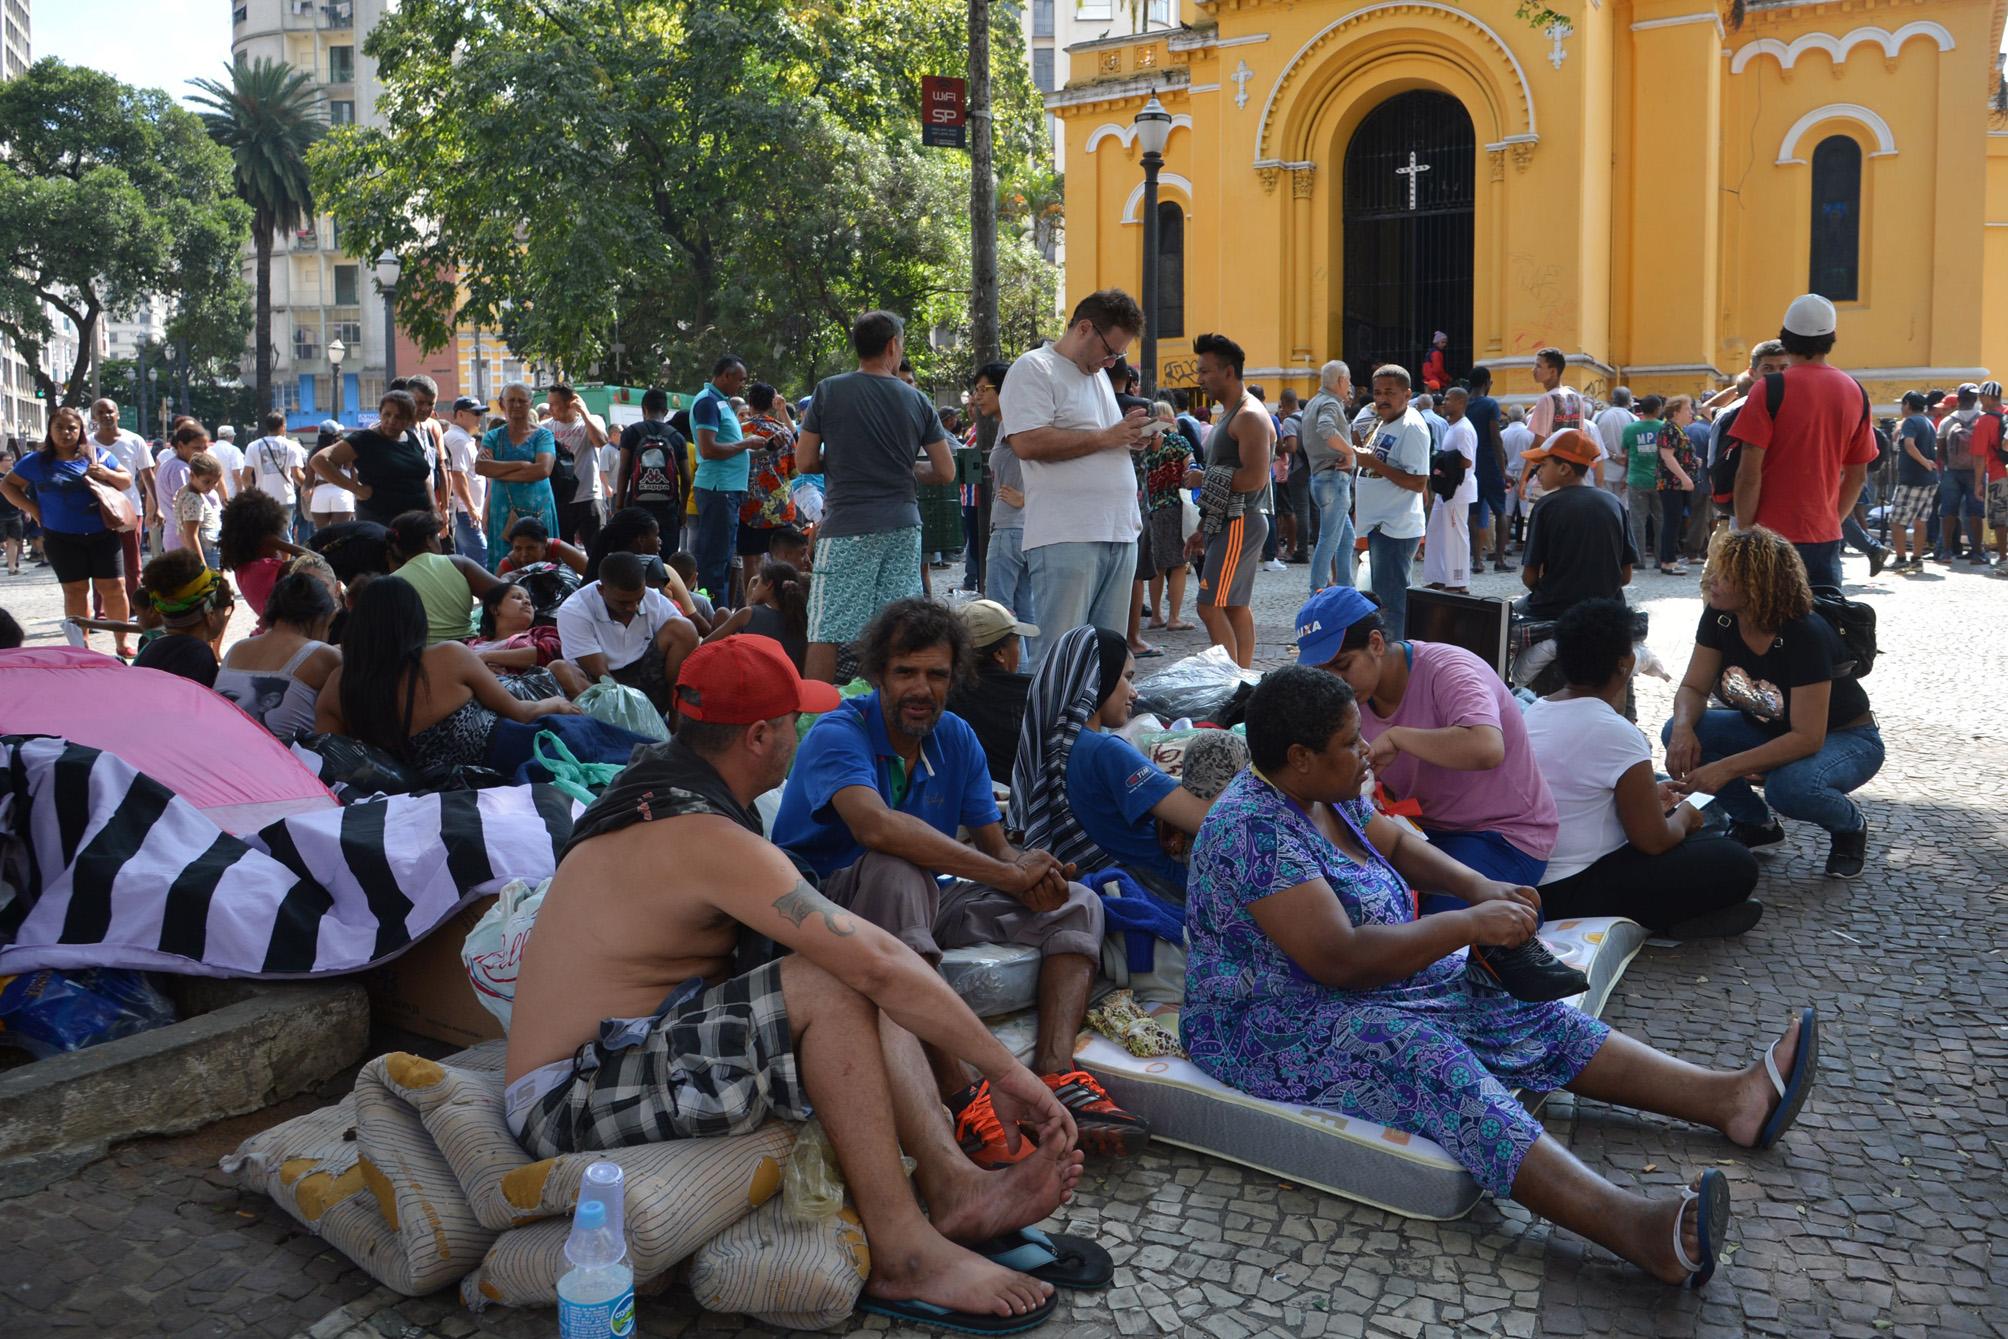 Juliana Cardoso: Culpar as vítimas e criminalizar a luta por moradia é sórdido demais